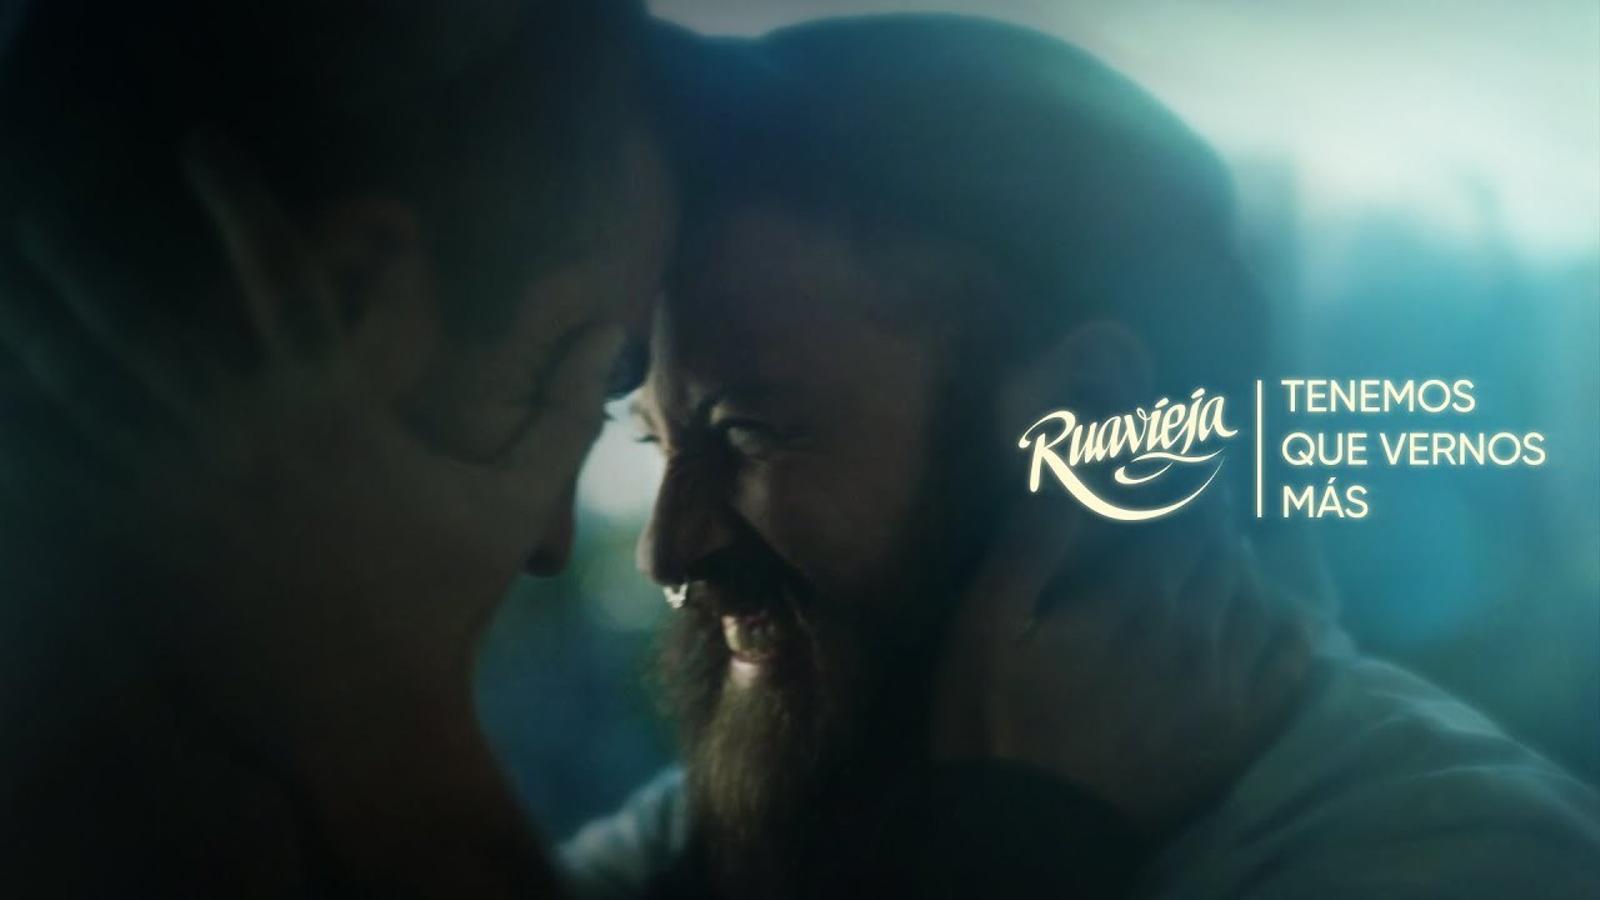 L'anunci de Nadal de Ruavieja